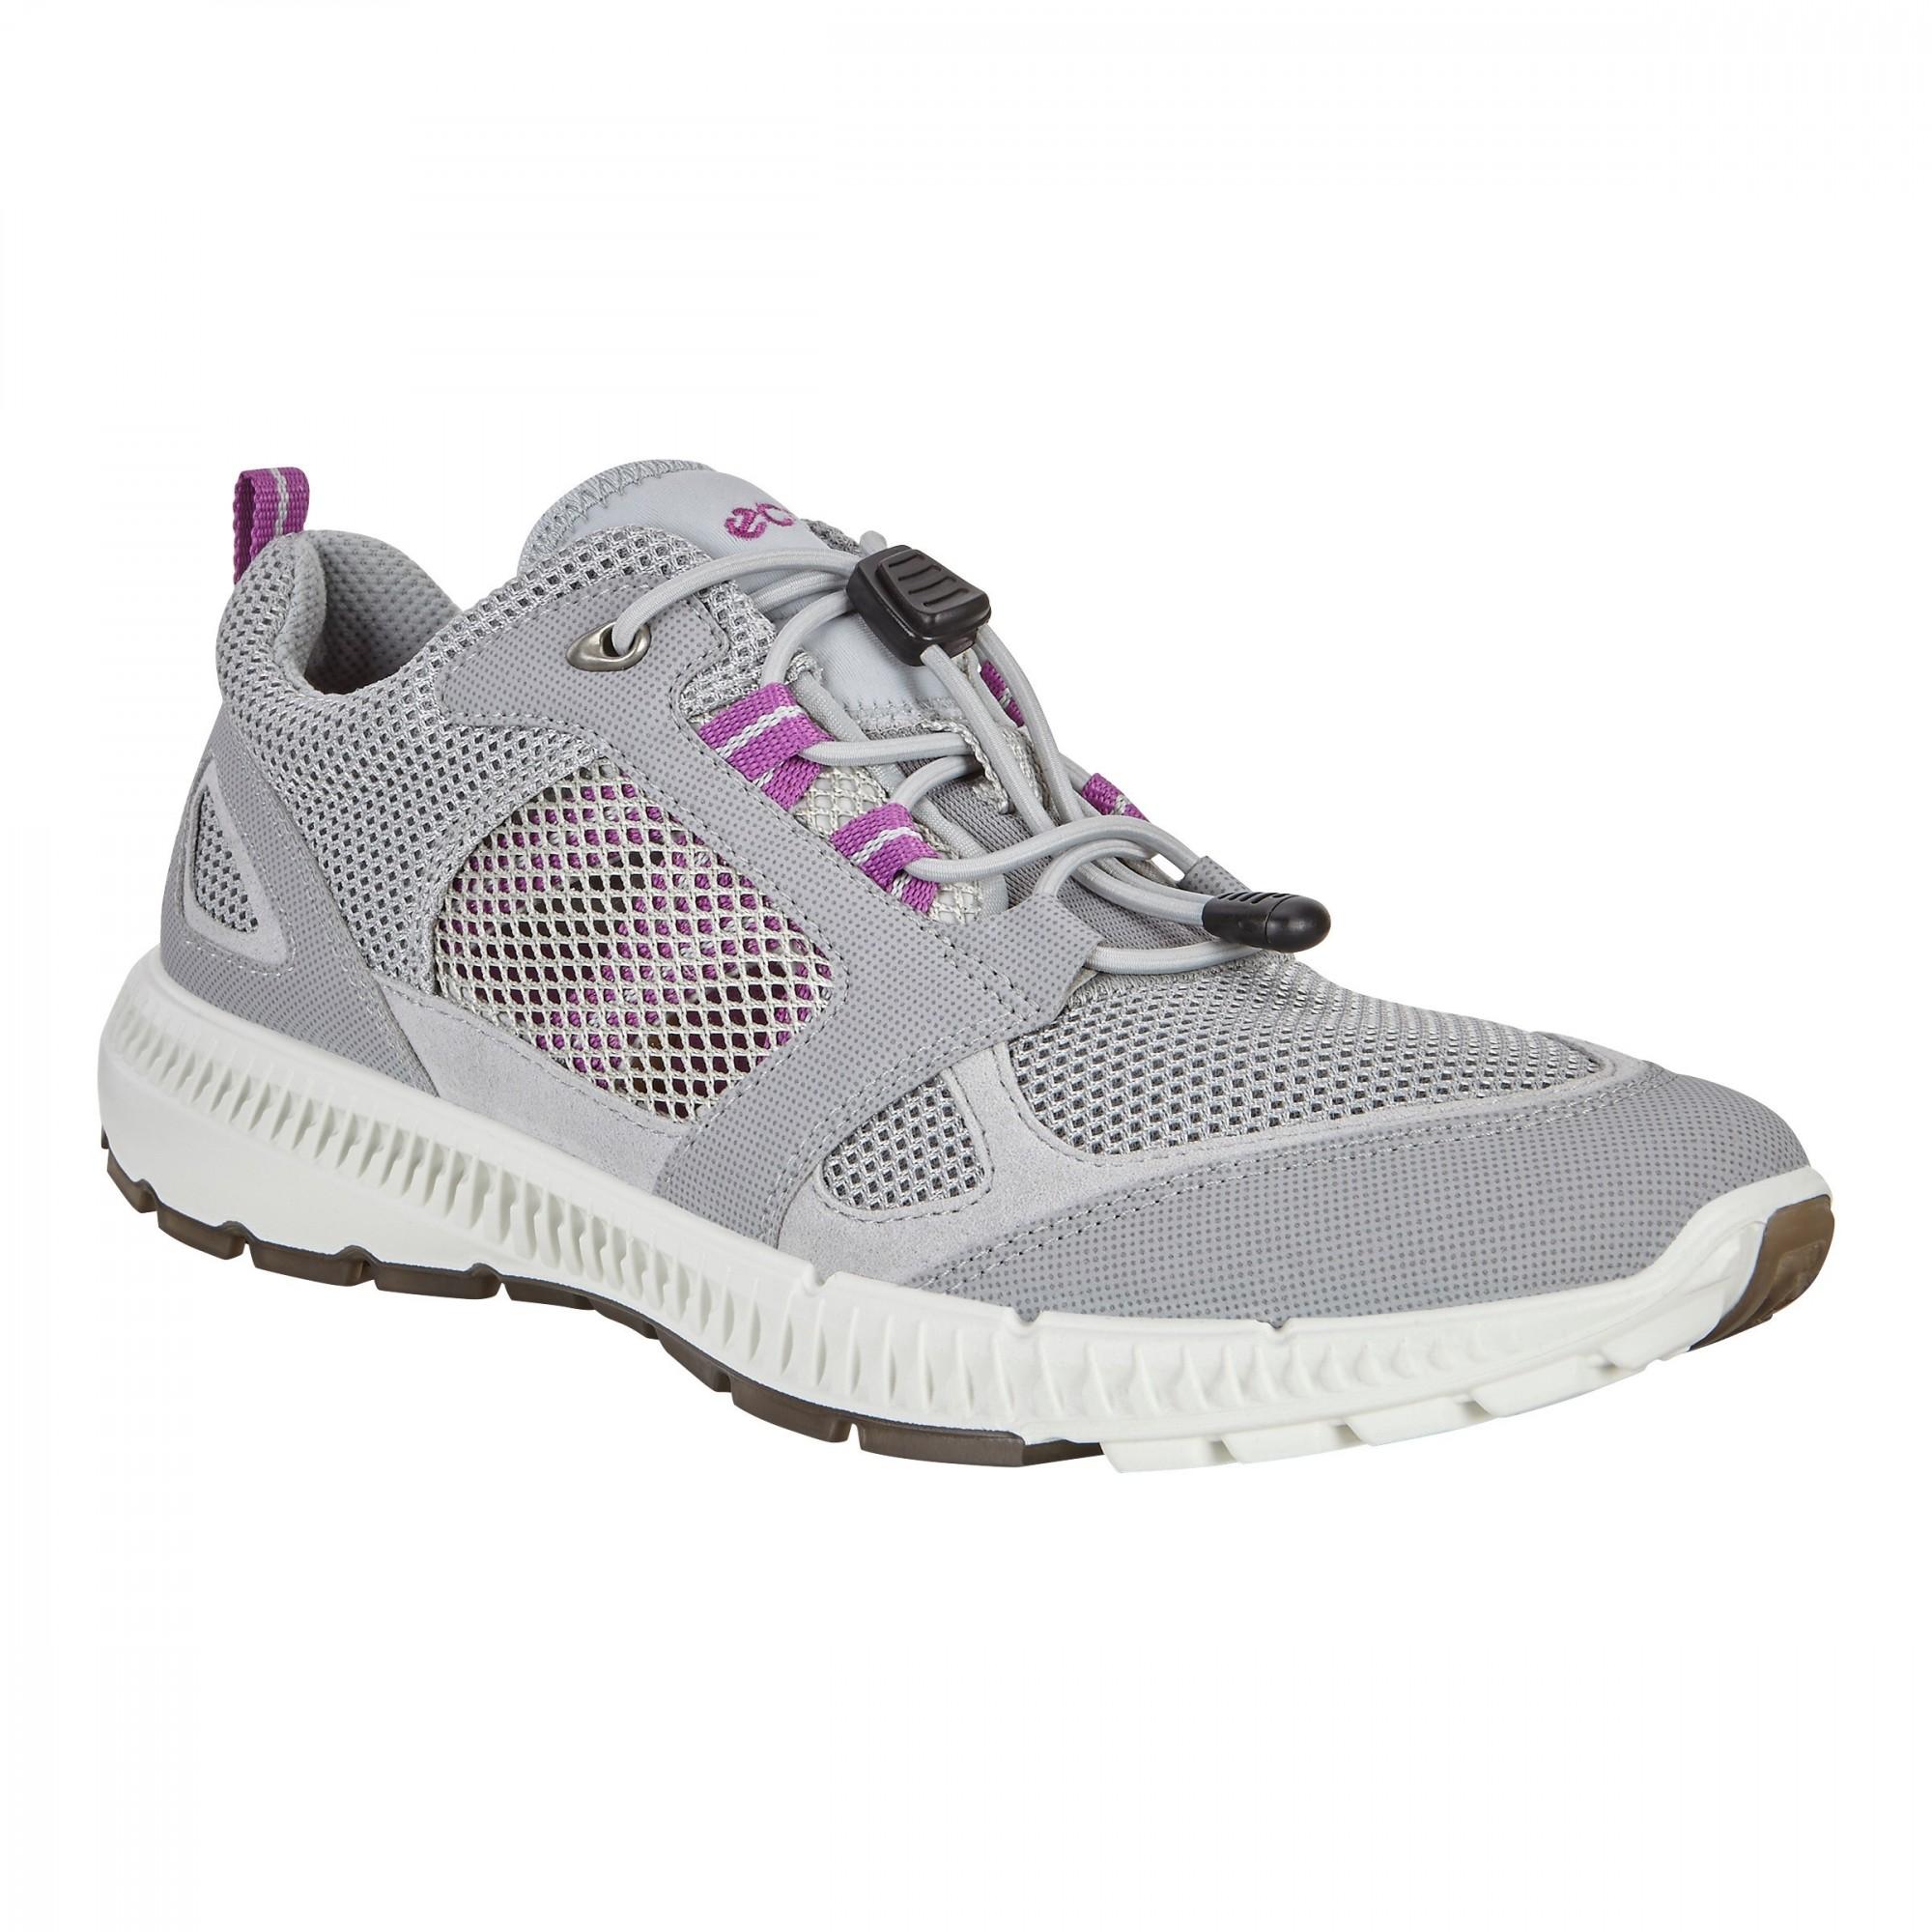 4e558ea7849 ECCO calzature, ECCO Schuhe, ECCO shoes, calzature ECCO, ECCO golf ...